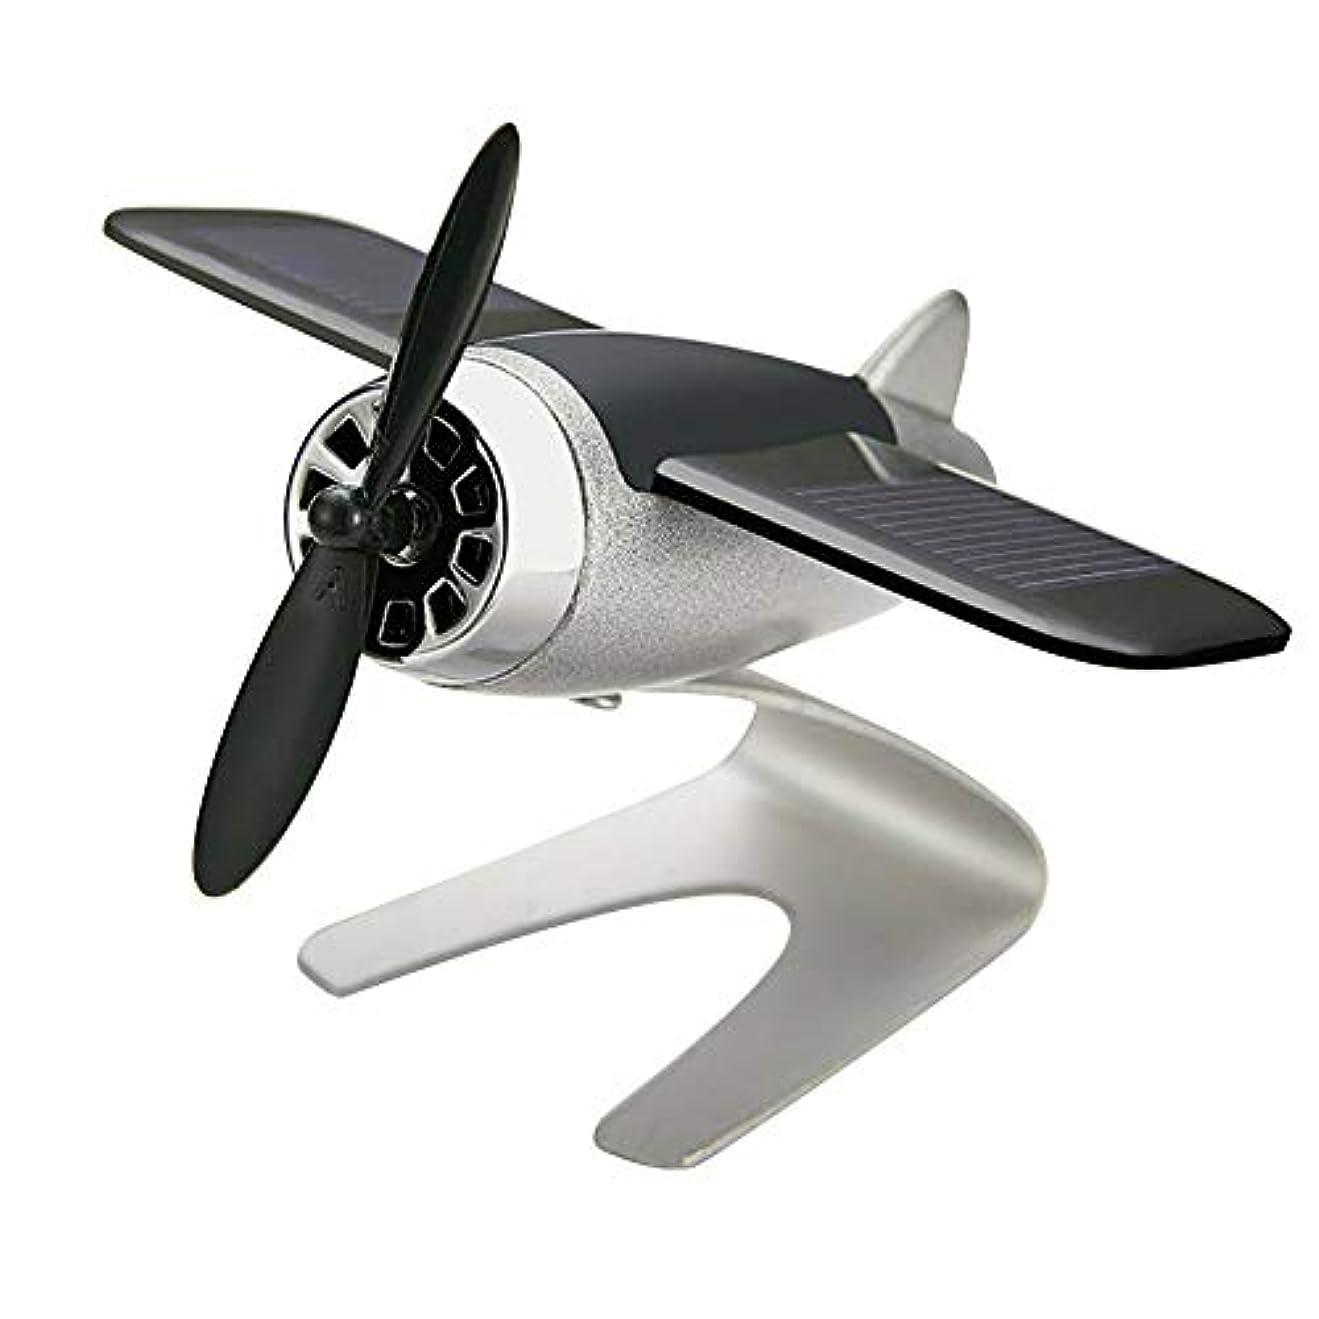 空気利益村Symboat 車の芳香剤飛行機航空機モデル太陽エネルギーアロマテラピー室内装飾